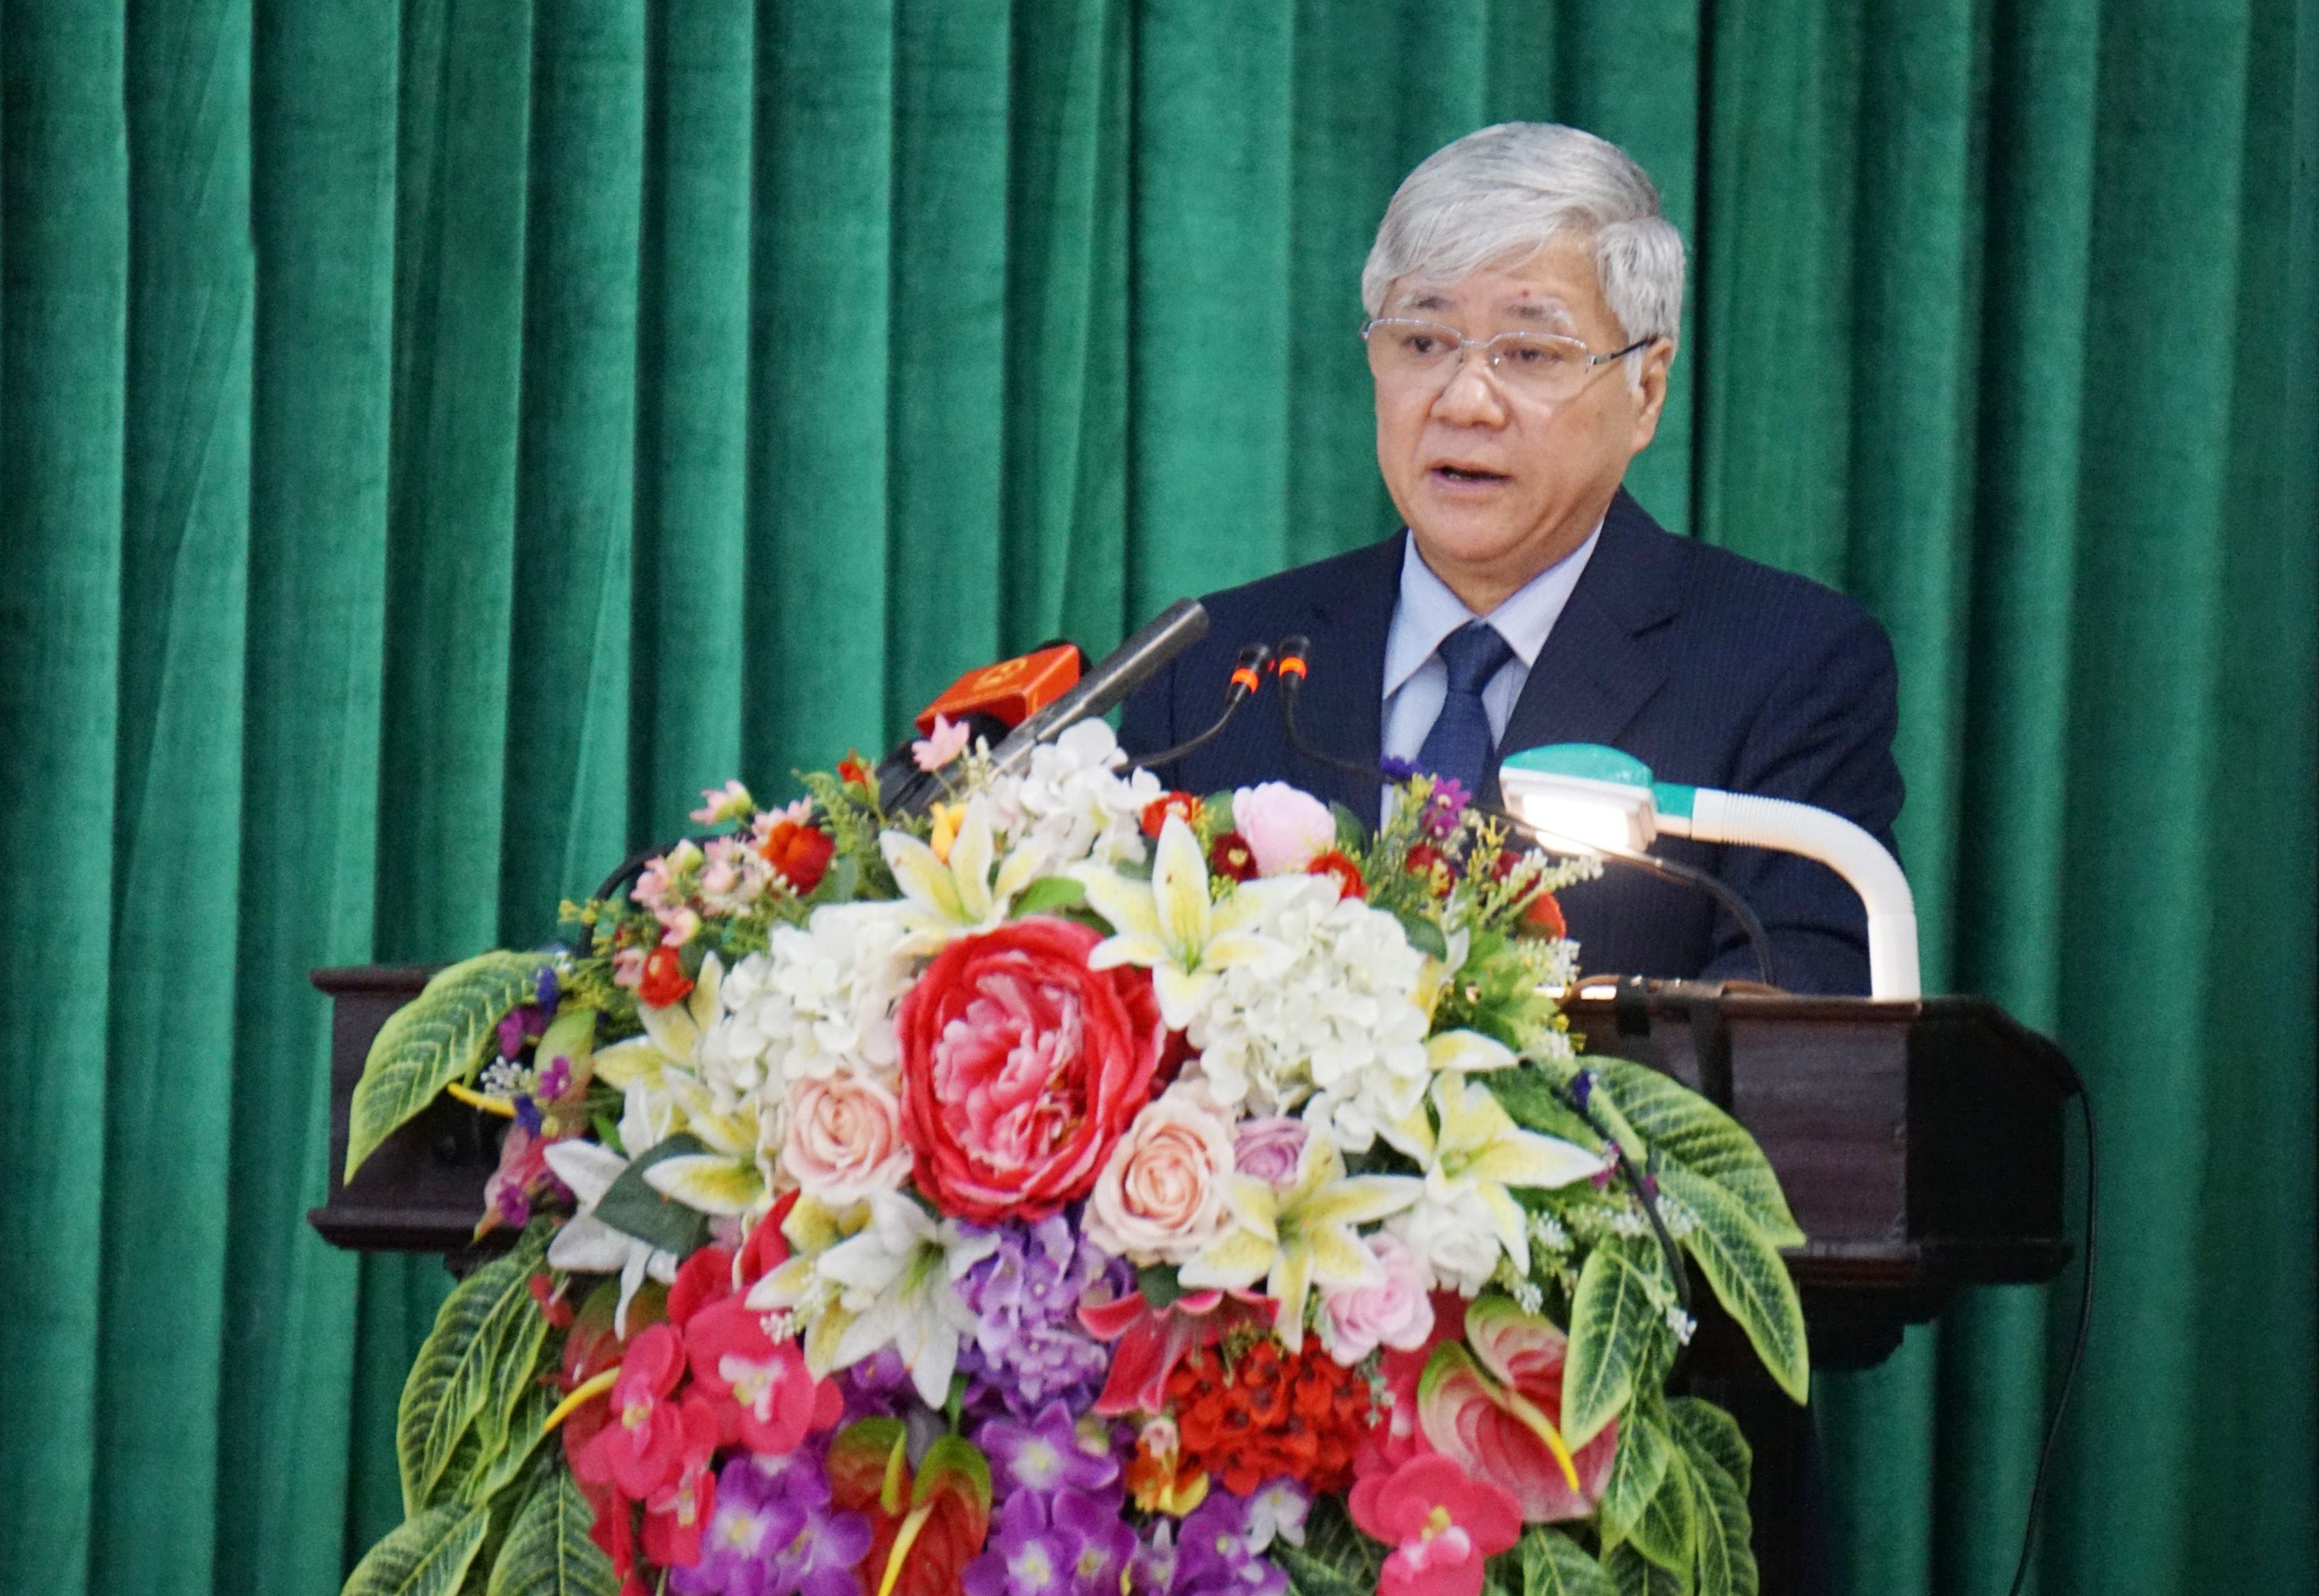 Đồng chí Đỗ Văn Chiến, Ủy viên Ban chấp hành TW Đảng, Bộ trưởng, Chủ nhiệm Ủy ban Dân tộc phát biểu tại hội nghị